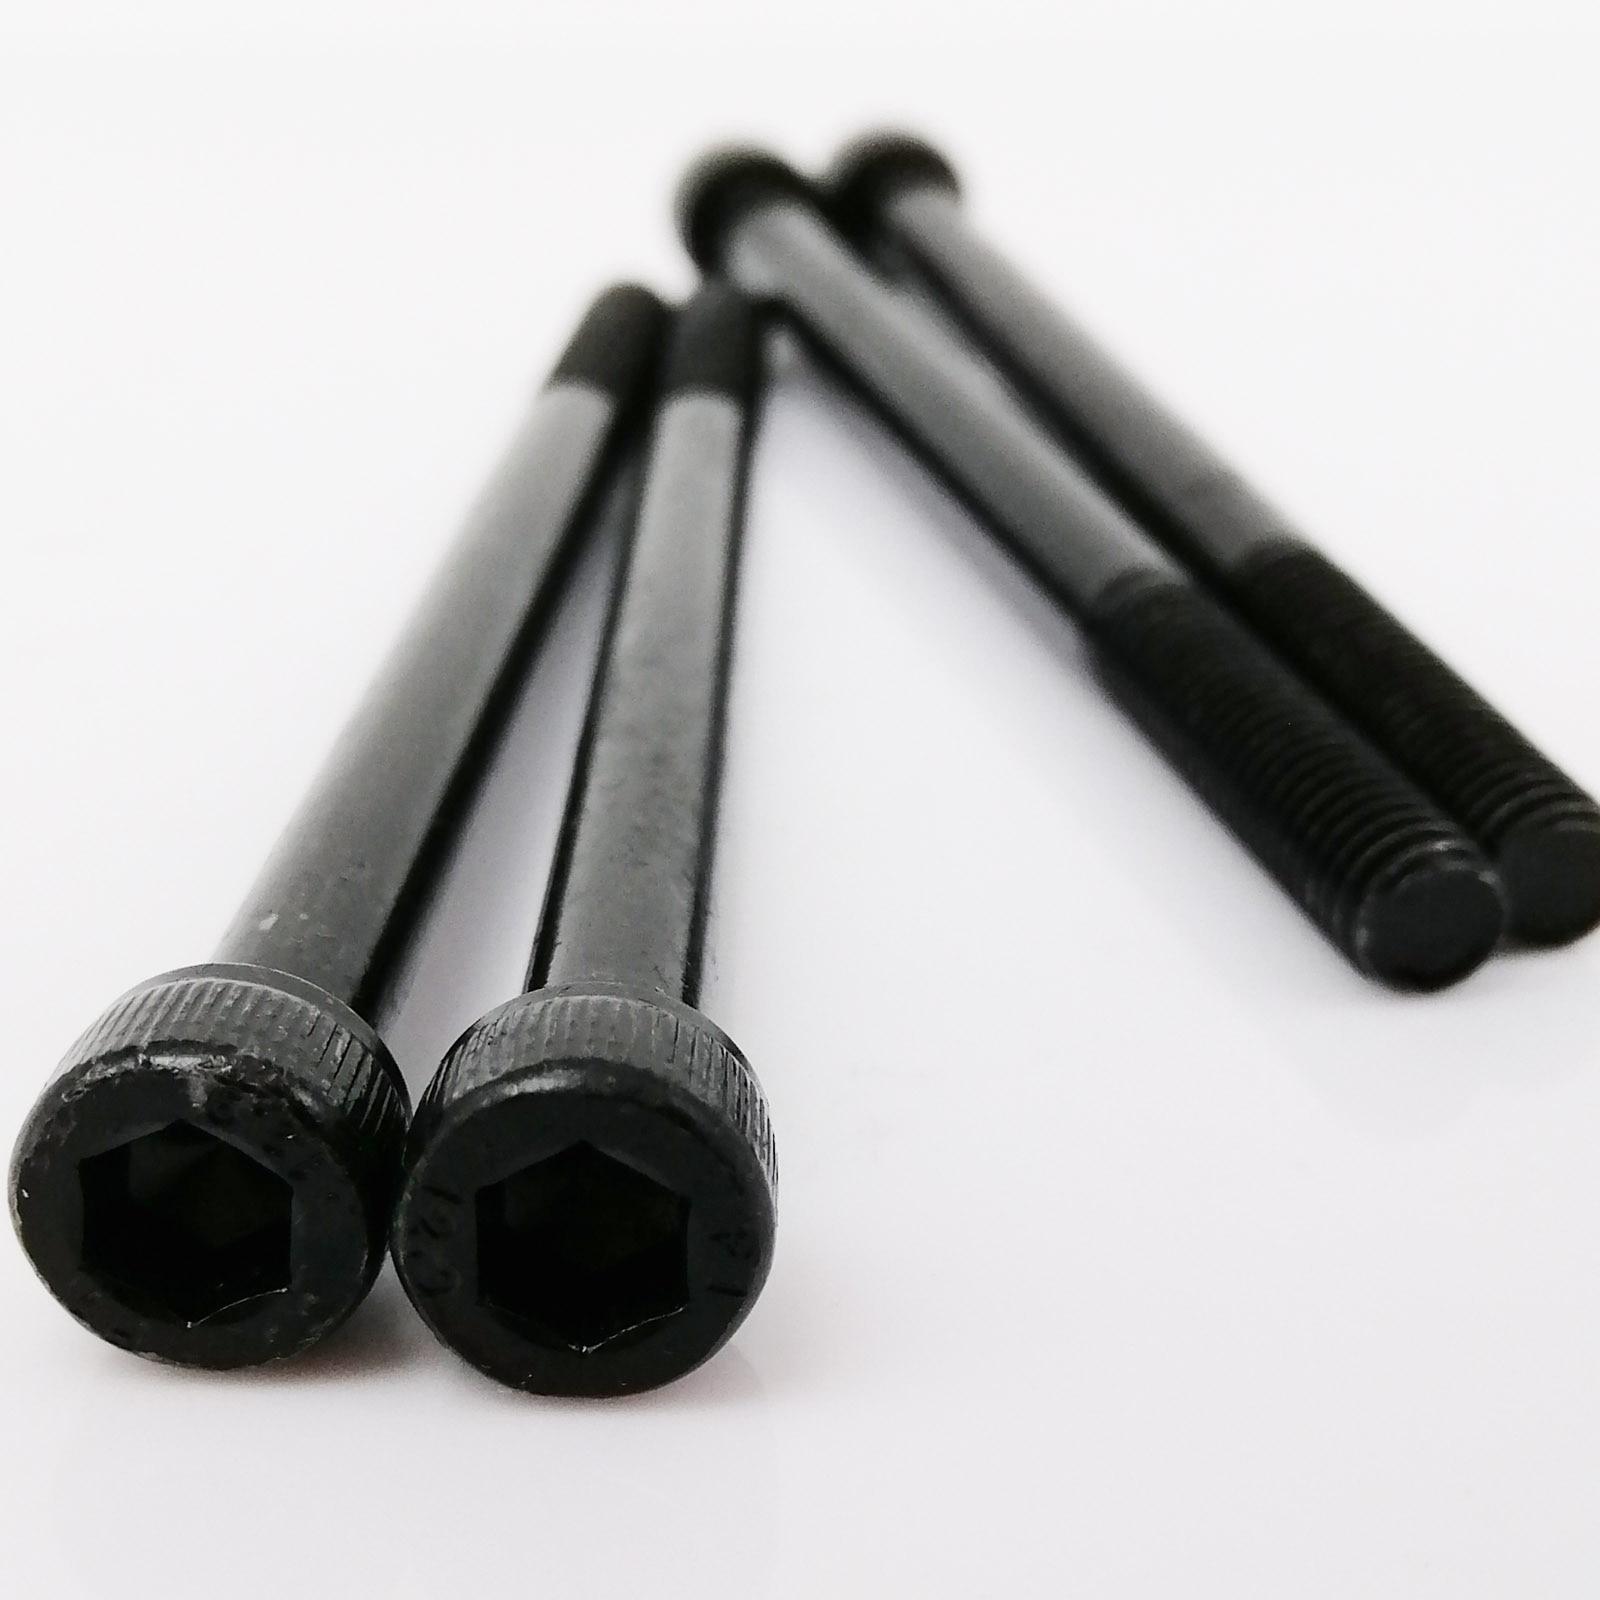 1/10 шт. M3 M4 M5 M6 M8 удлиненный шестигранный болт из стали марки 12,9 черного цвета с шестигранным углублением головки болта с полурезьбой L = 30-300 мм